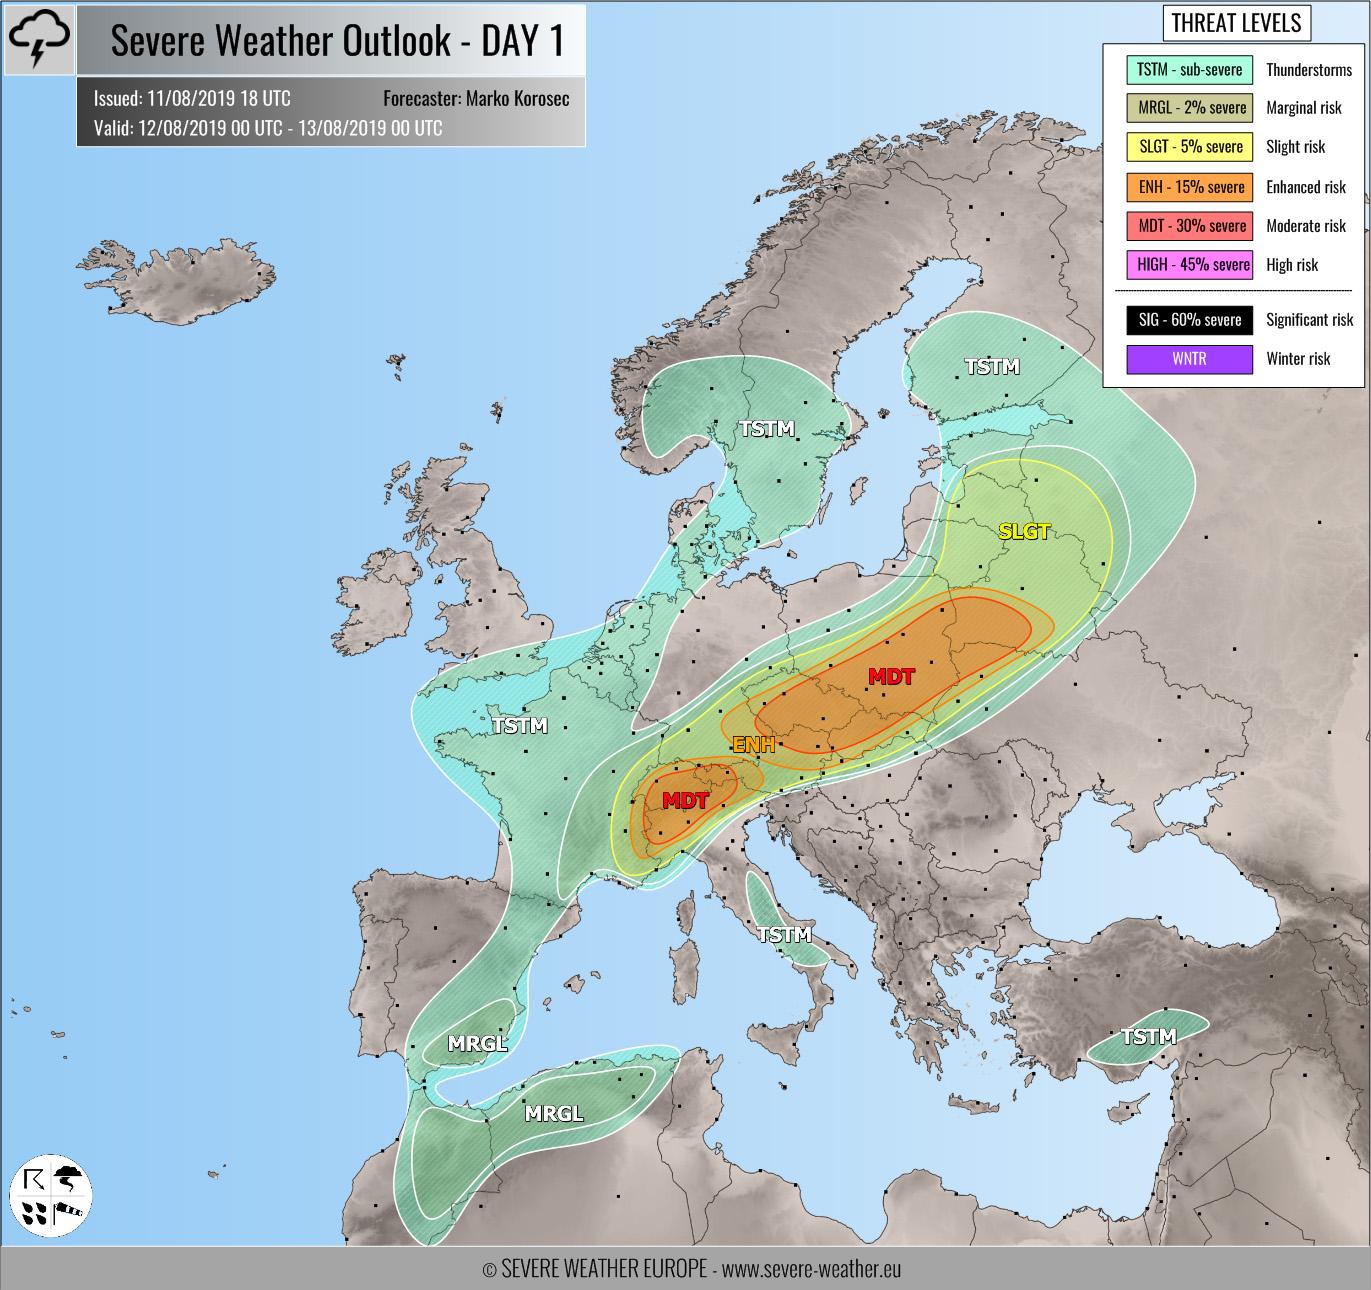 Північ України накриють шквали, град та проливні дощі - погода, погіршення погодних умов - 12 pogirshennya pogodnyh umov